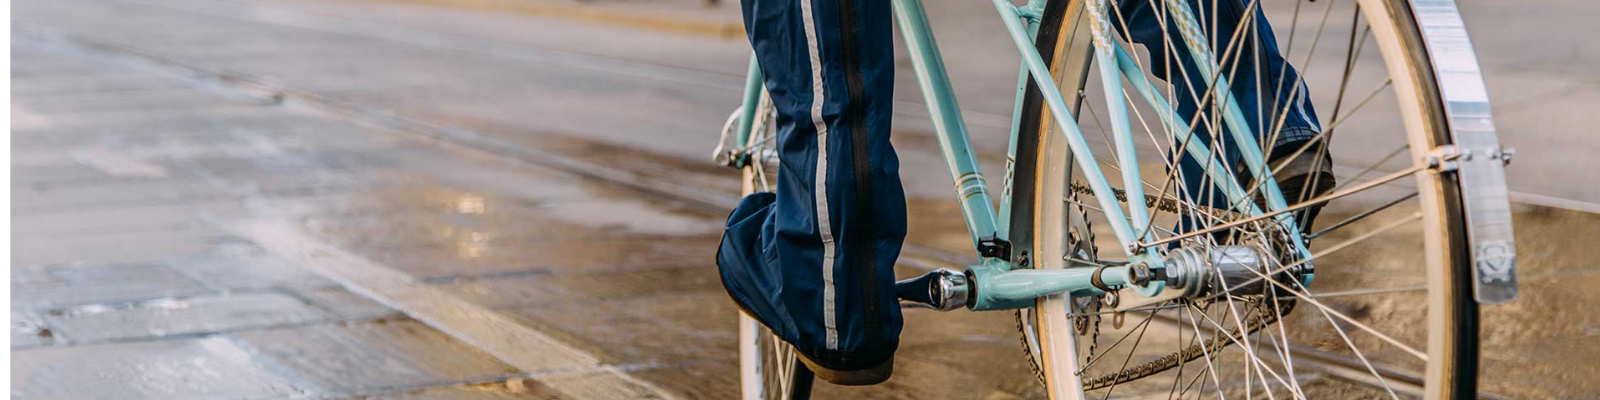 Bannière couvres chaussures imperméables vélo